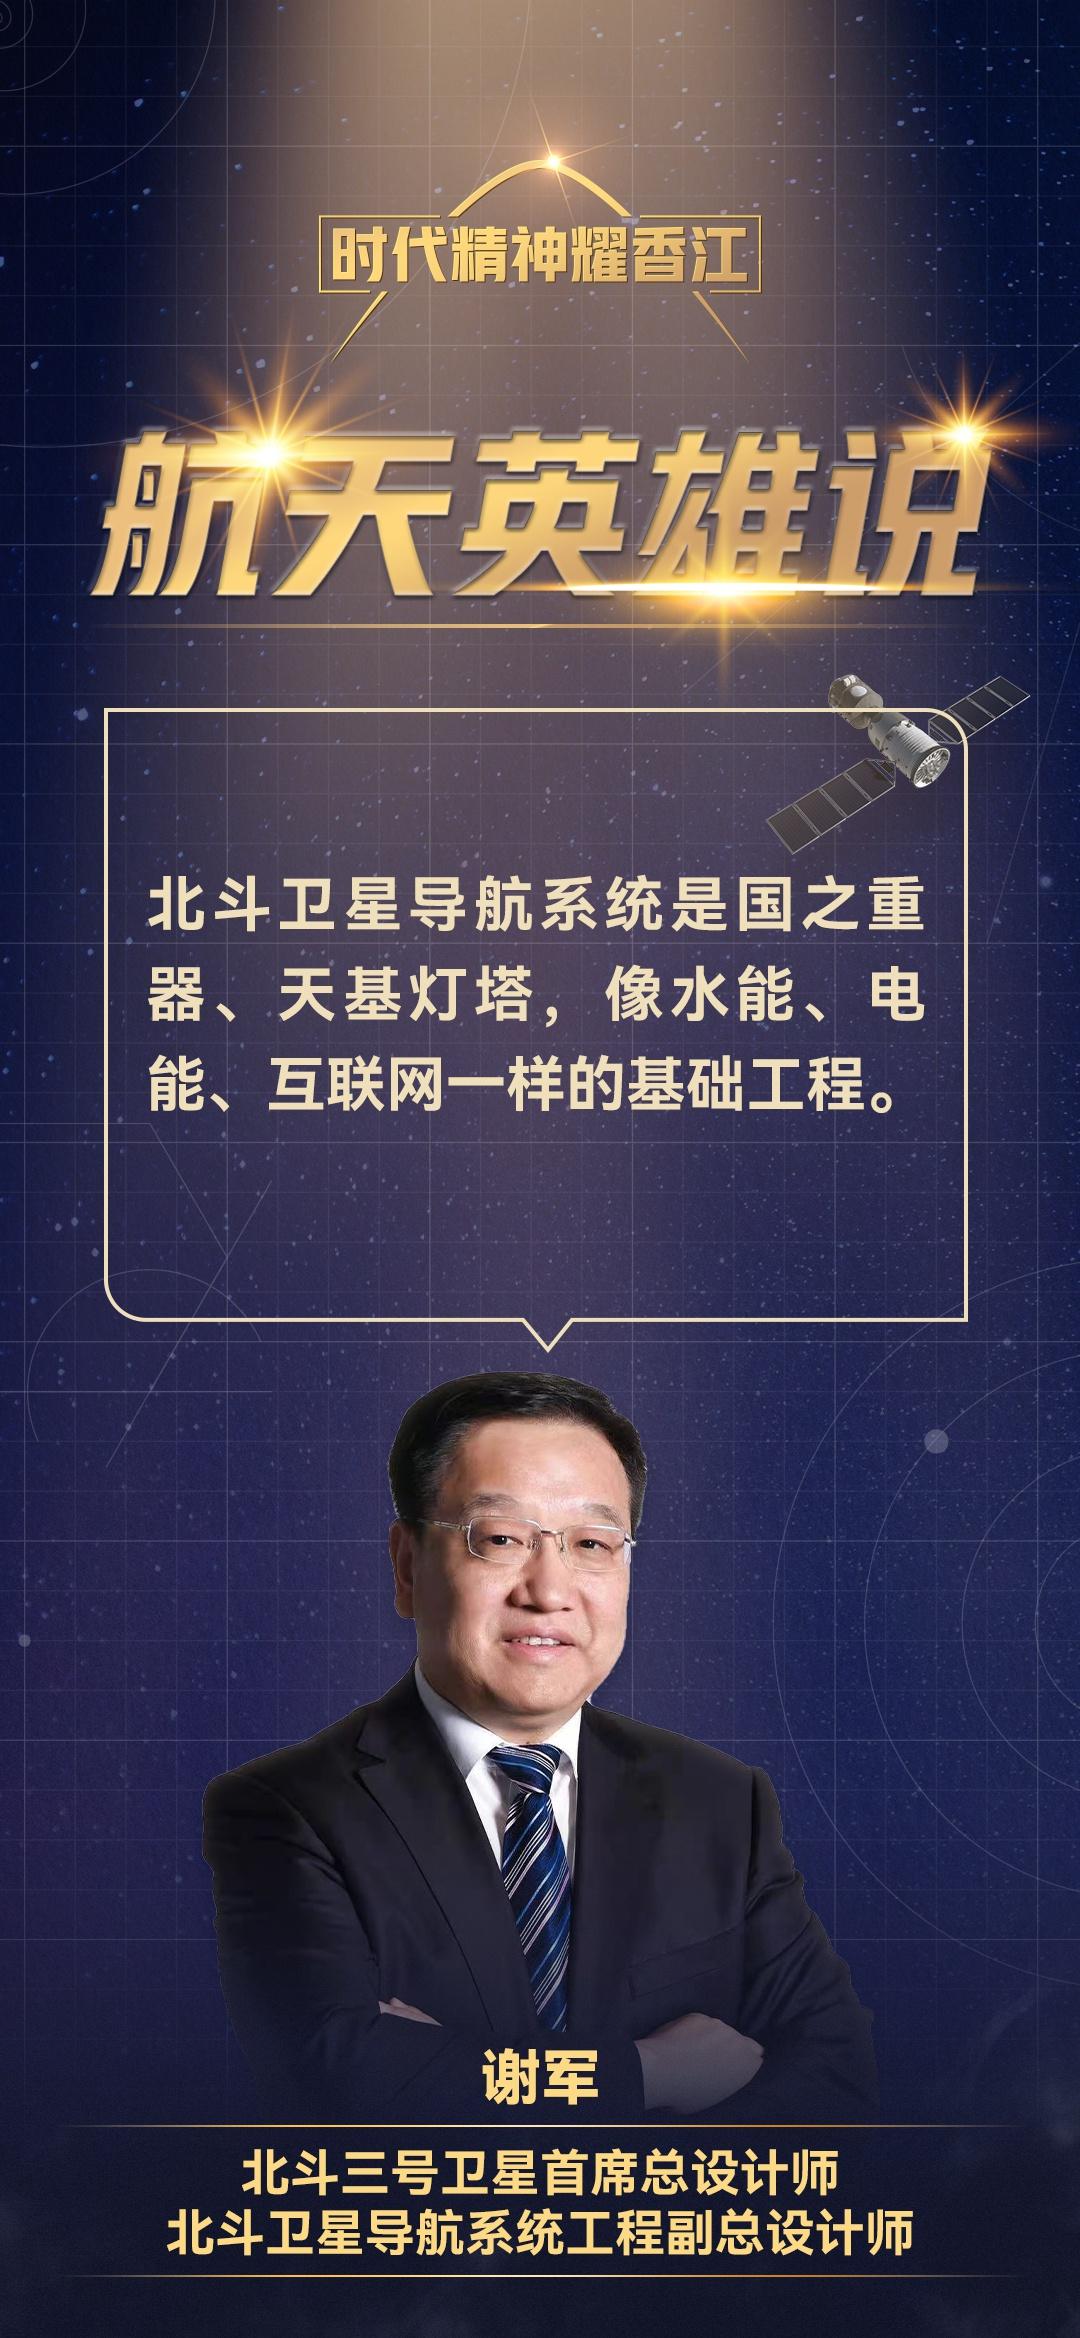 海报集丨北斗卫星导航系统工程副总设计师谢军香港校园演讲金句